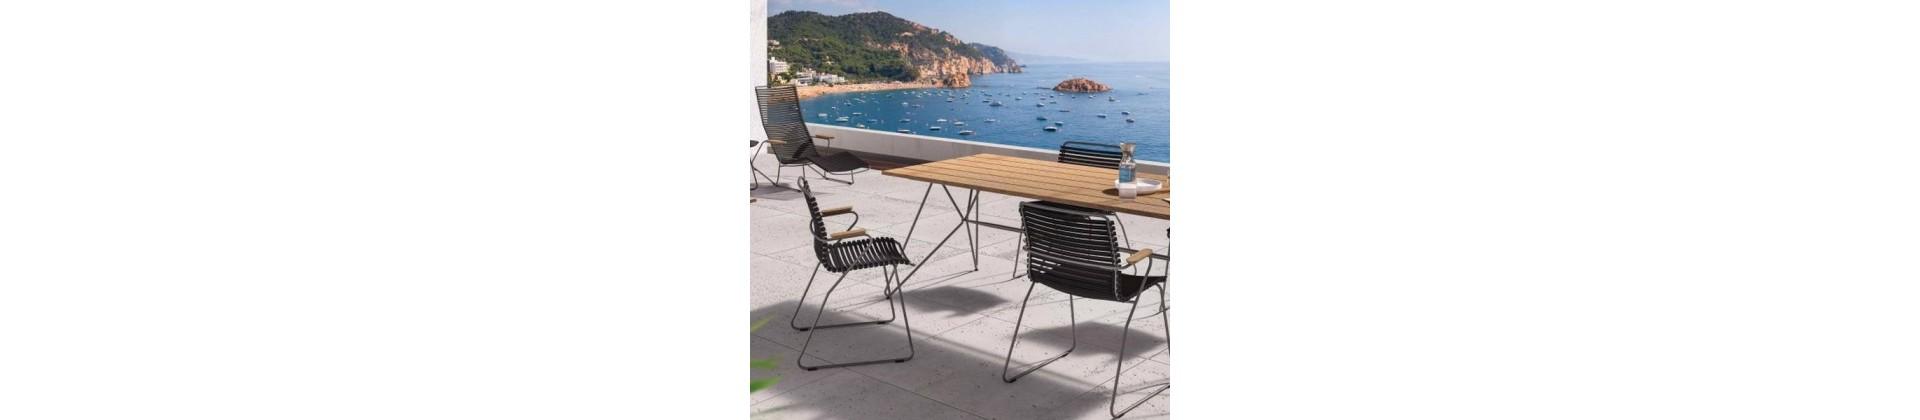 Mobilier de jardin : meubles d'extérieur design et pas cher